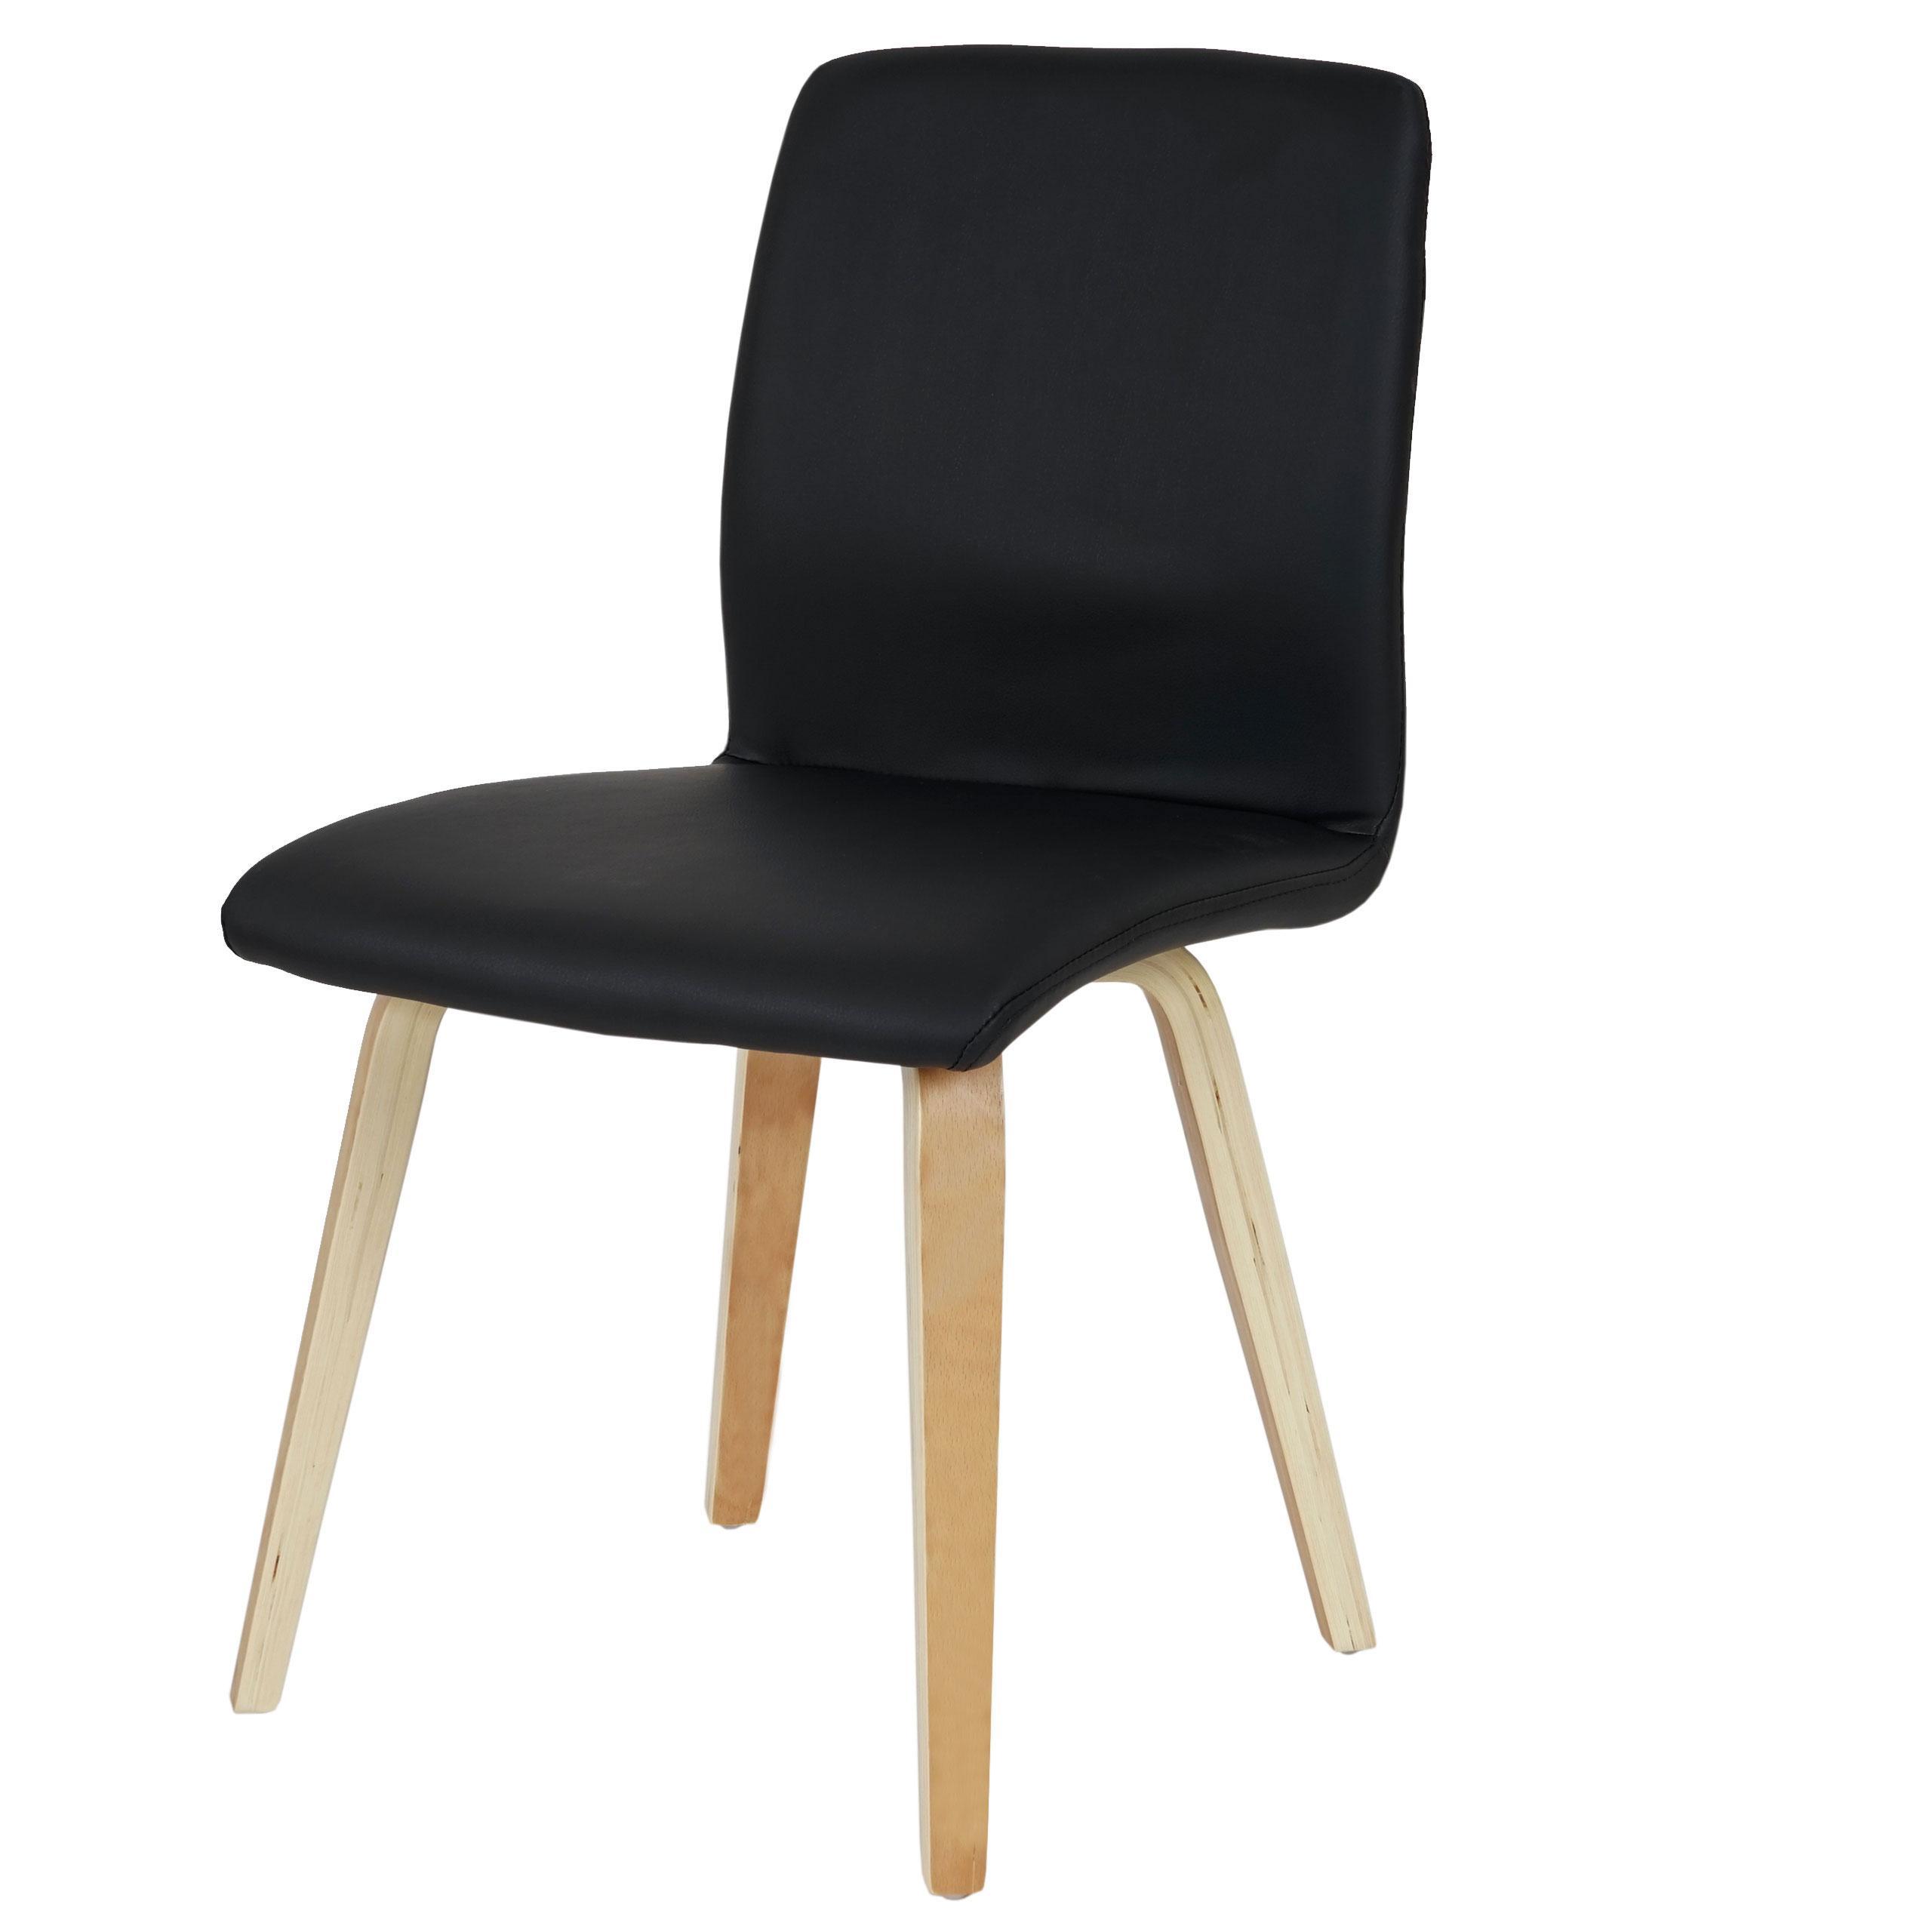 Lote 6 sillas de cocina o comedor dusty estructura y - Sillas de comedor diseno ...